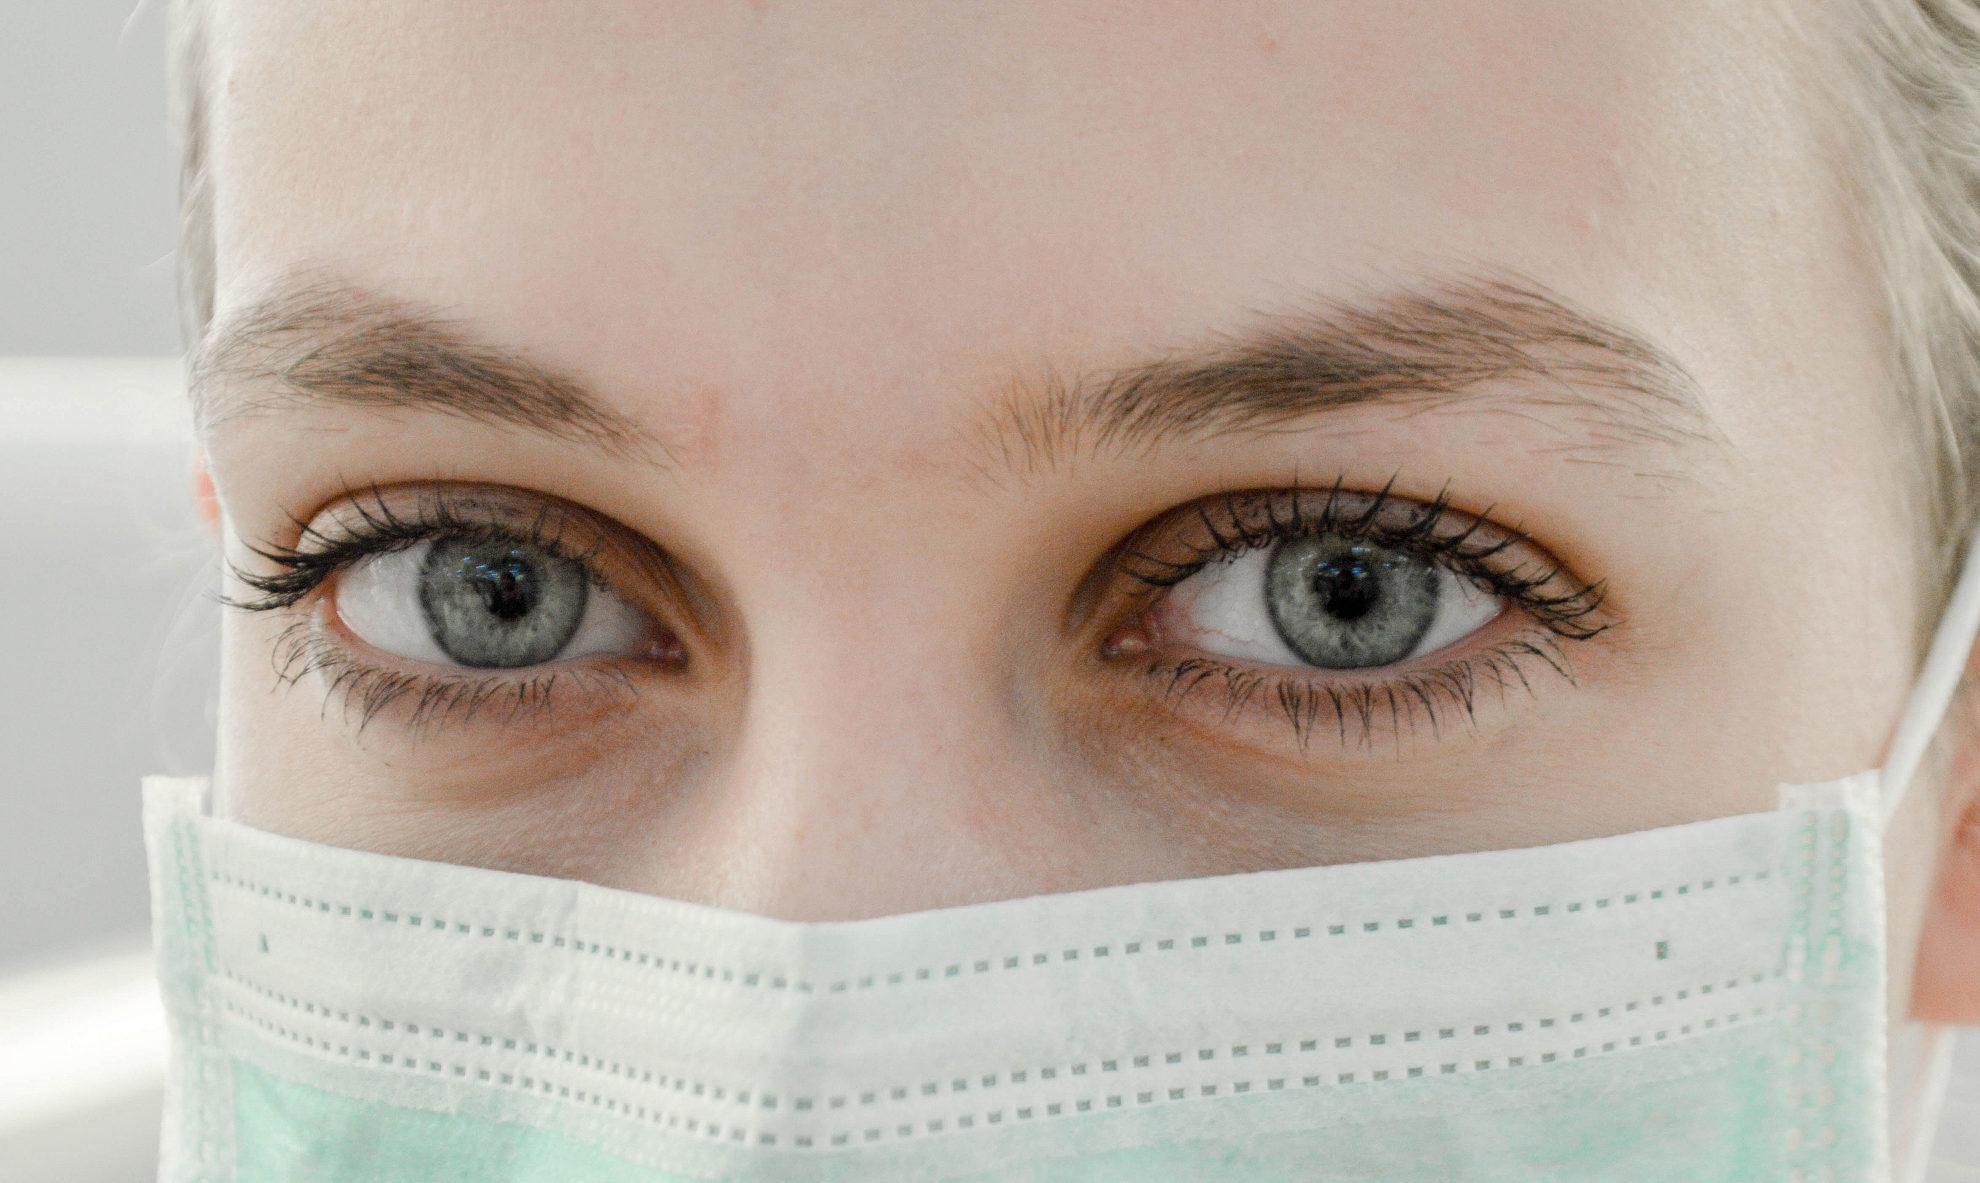 Willich – Zahnmedizinische Fachangestellte (m/w/d) Behandlungsassistenz & Rezeption